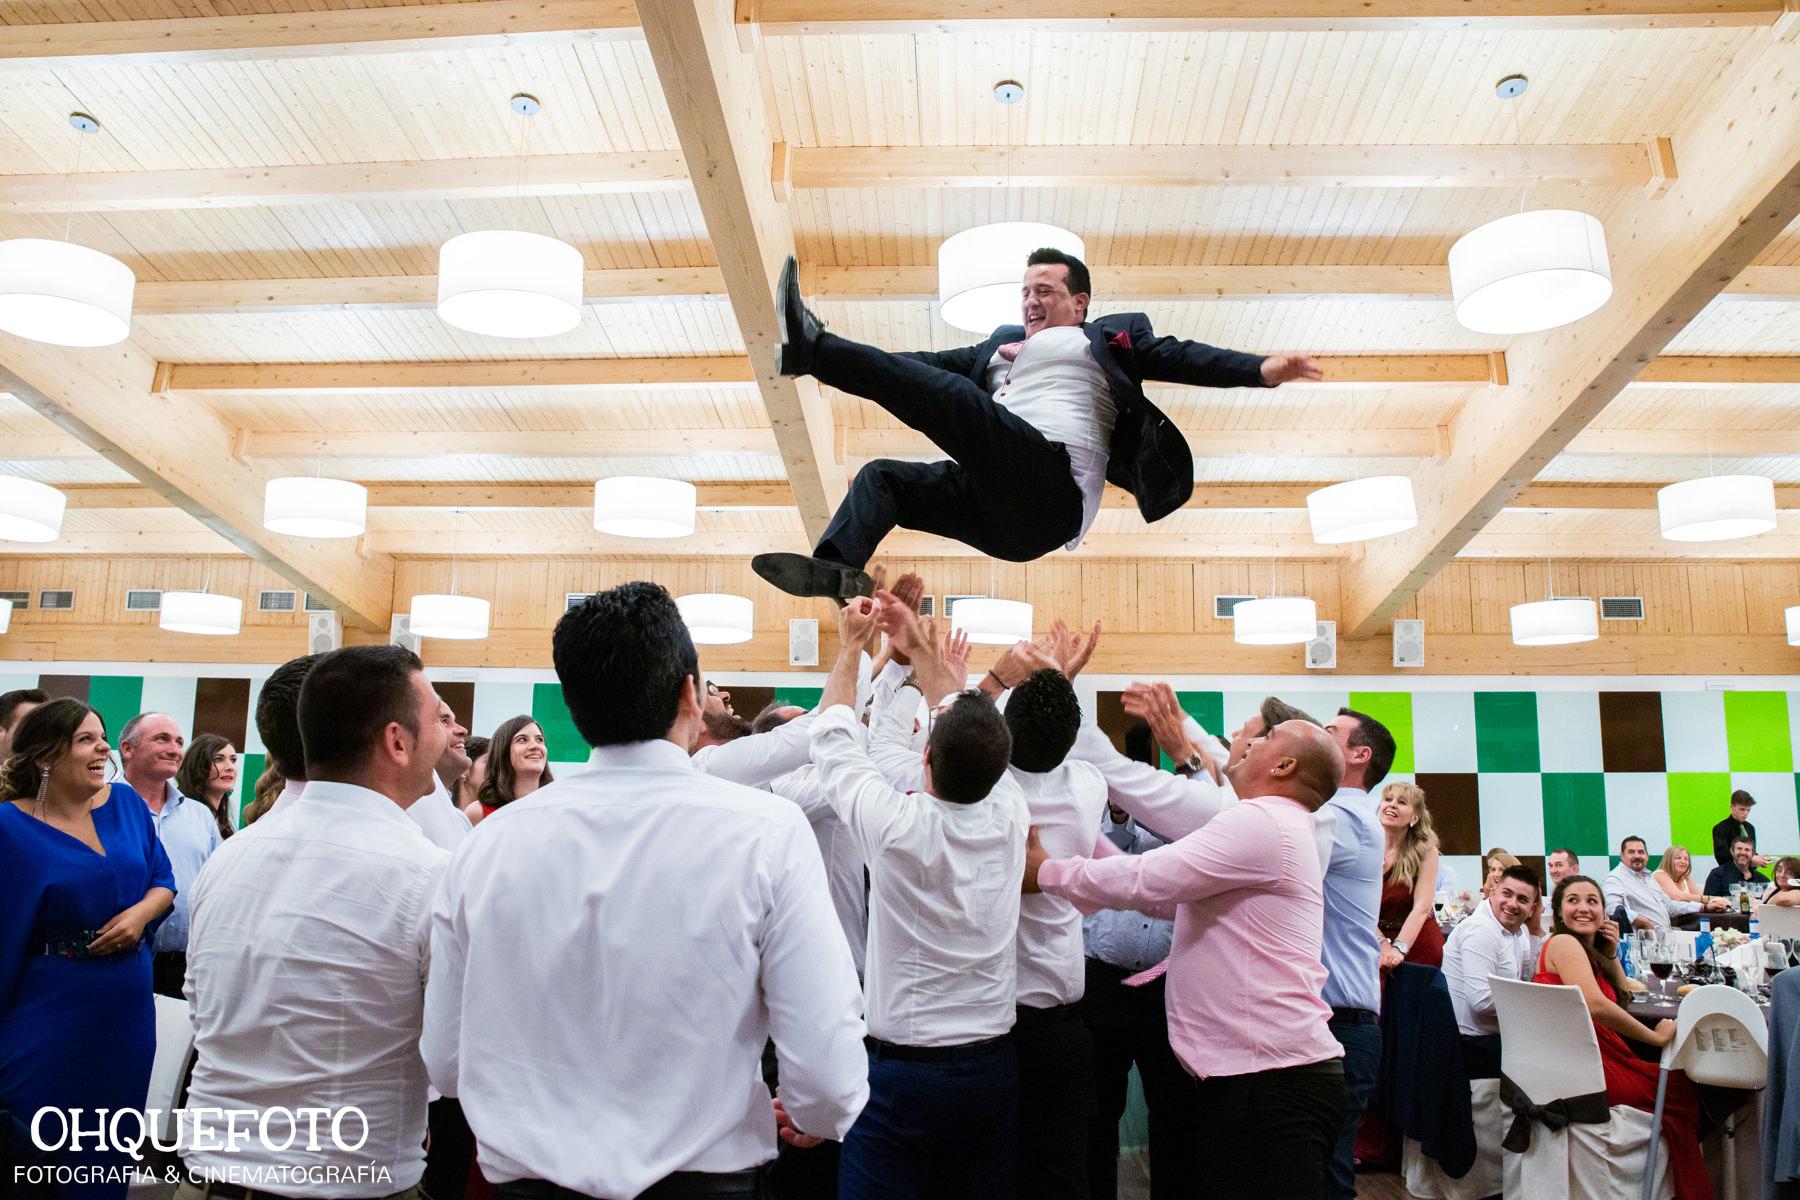 boda en la peraleda boda en cabeza del buey boda en capilla reportaje de bodas en almaden video de bodas en cordoba488 - Jose y Gema - Boda en Zarza Capilla y la Finca La Peraleda (Chillón)